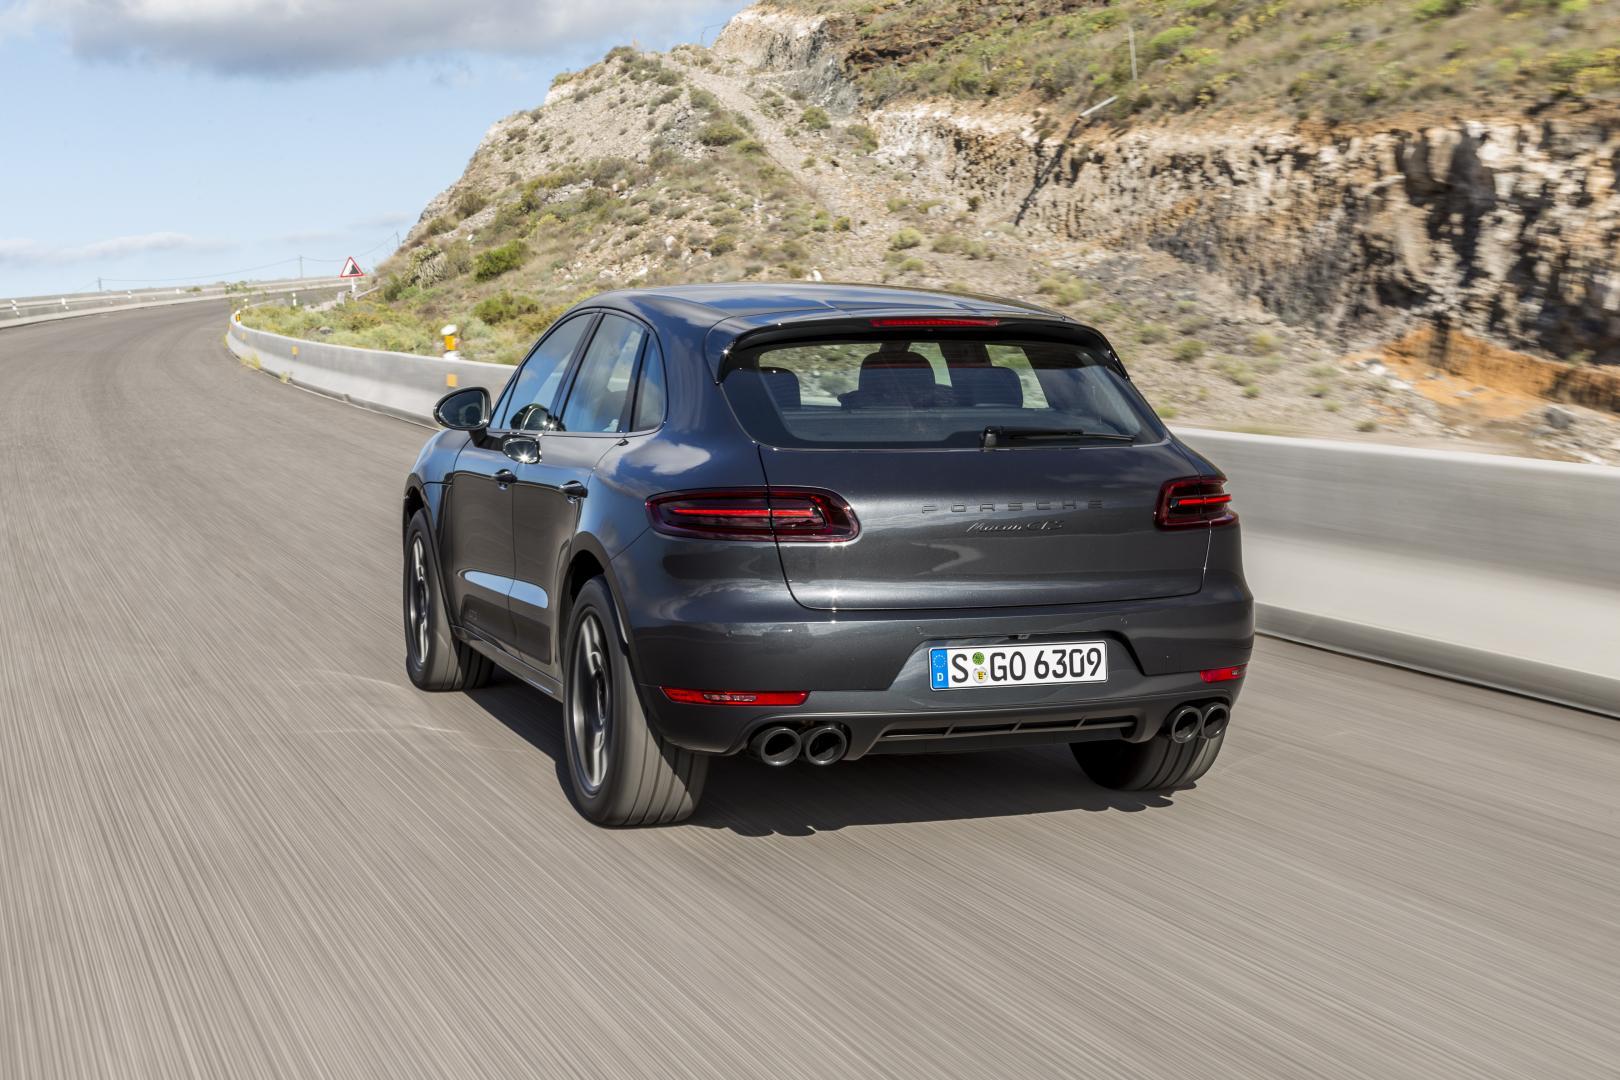 Porsche Macan Afmetingen | Autos Post - photo#18